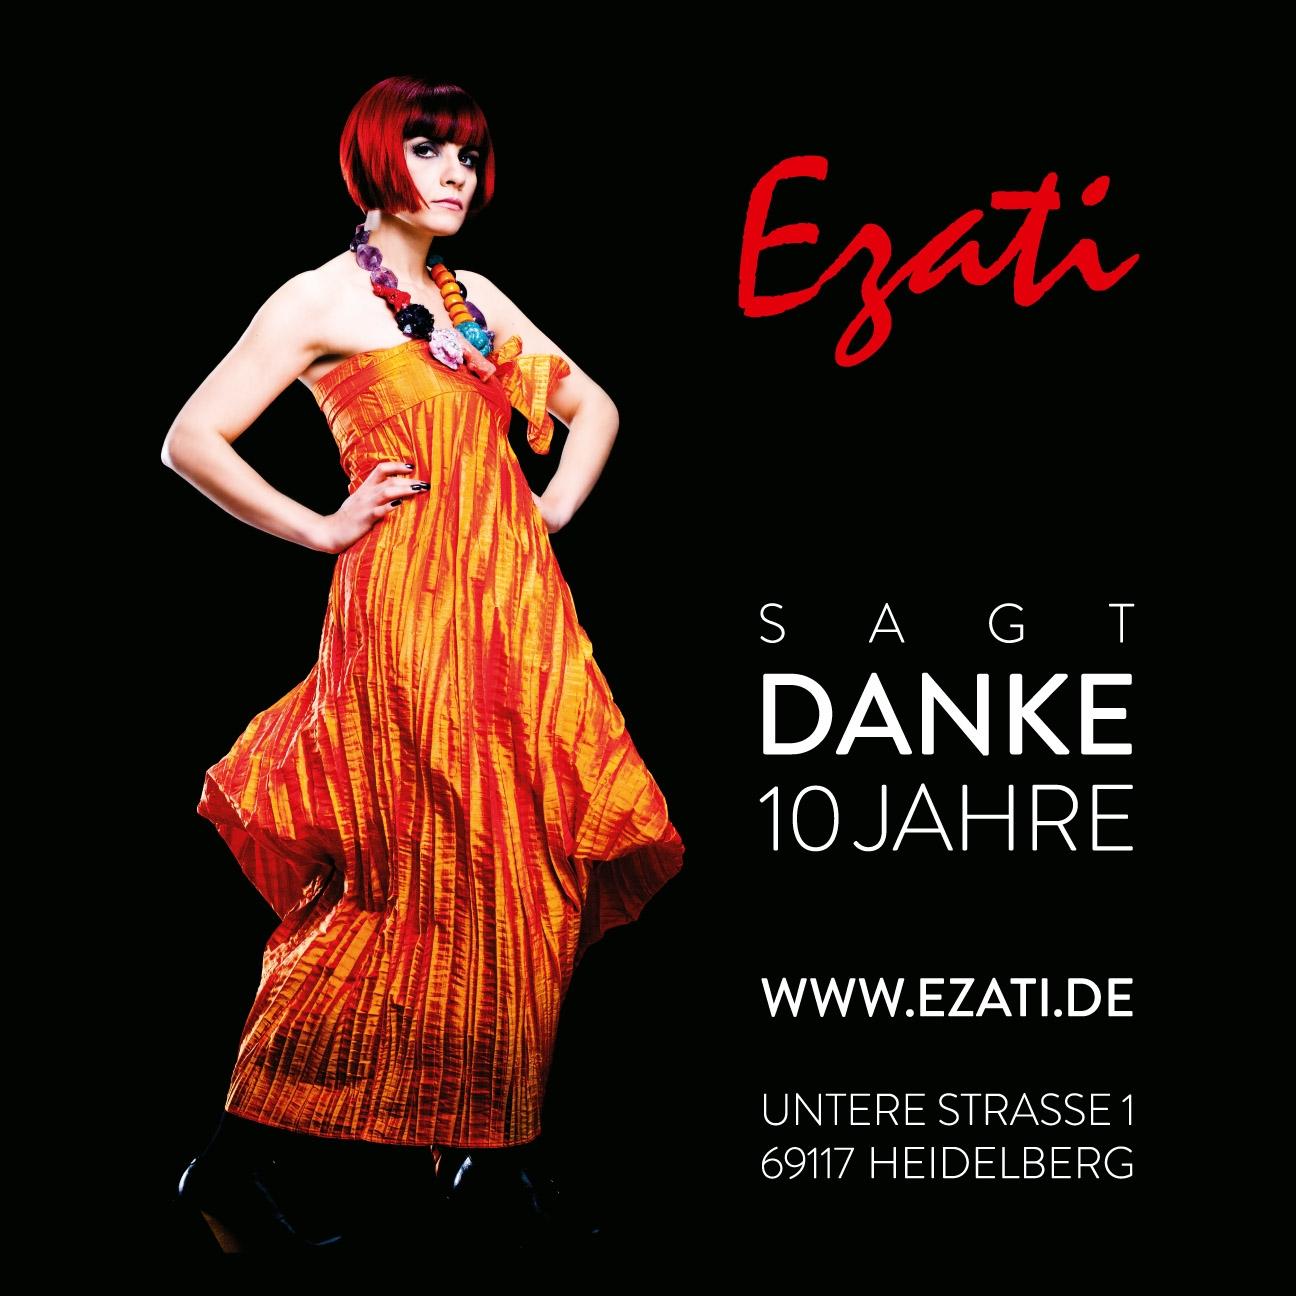 Mode Plakat 10 Jahre – EZATI